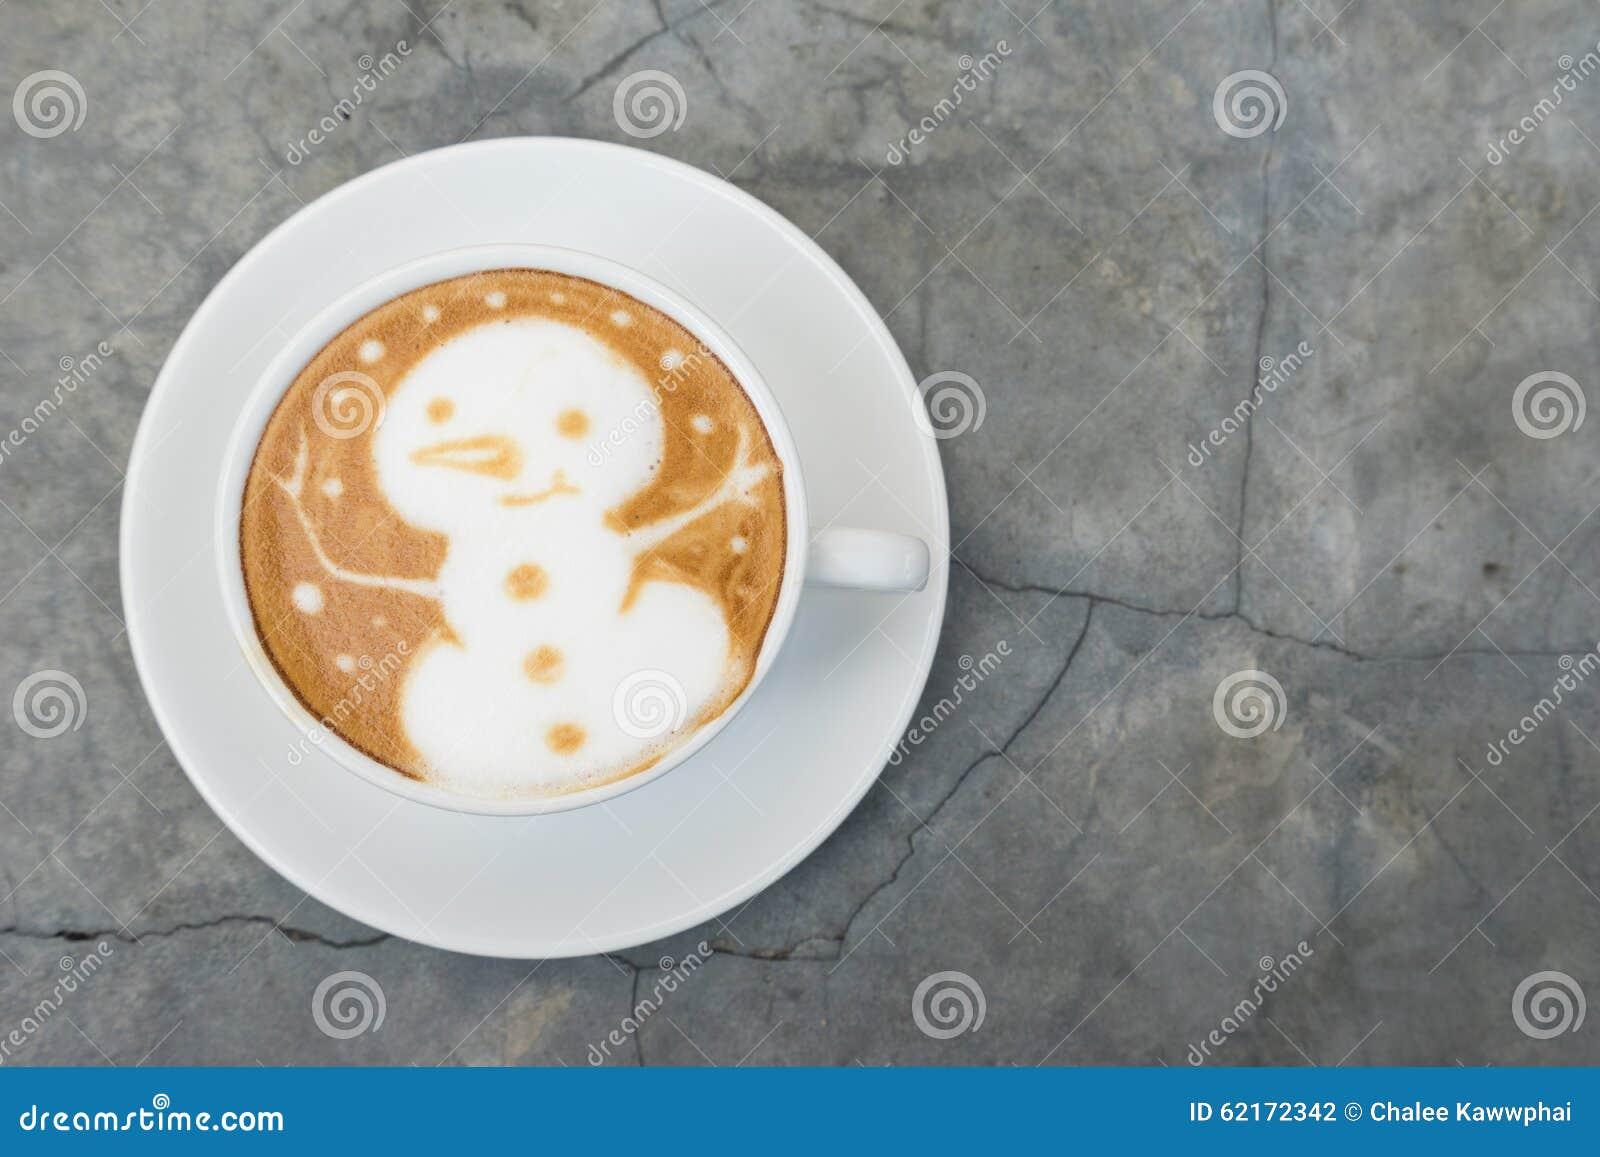 Latte Art Coffee del pupazzo di neve